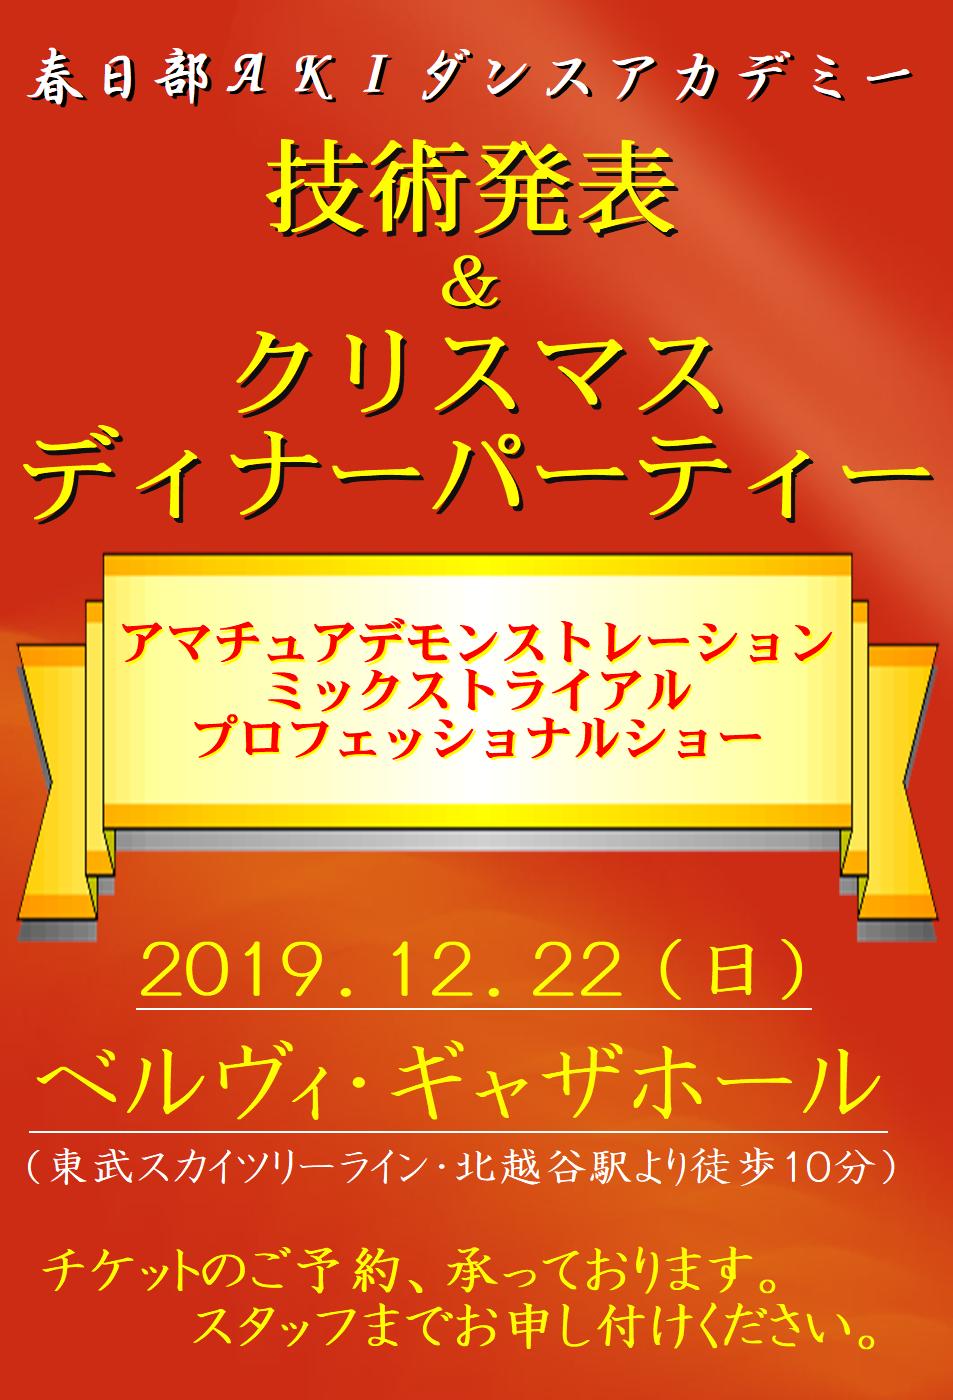 2019年|春日部AKIダンスアカデミー|パーティー|越谷ベルヴィギャザホール|社交ダンス